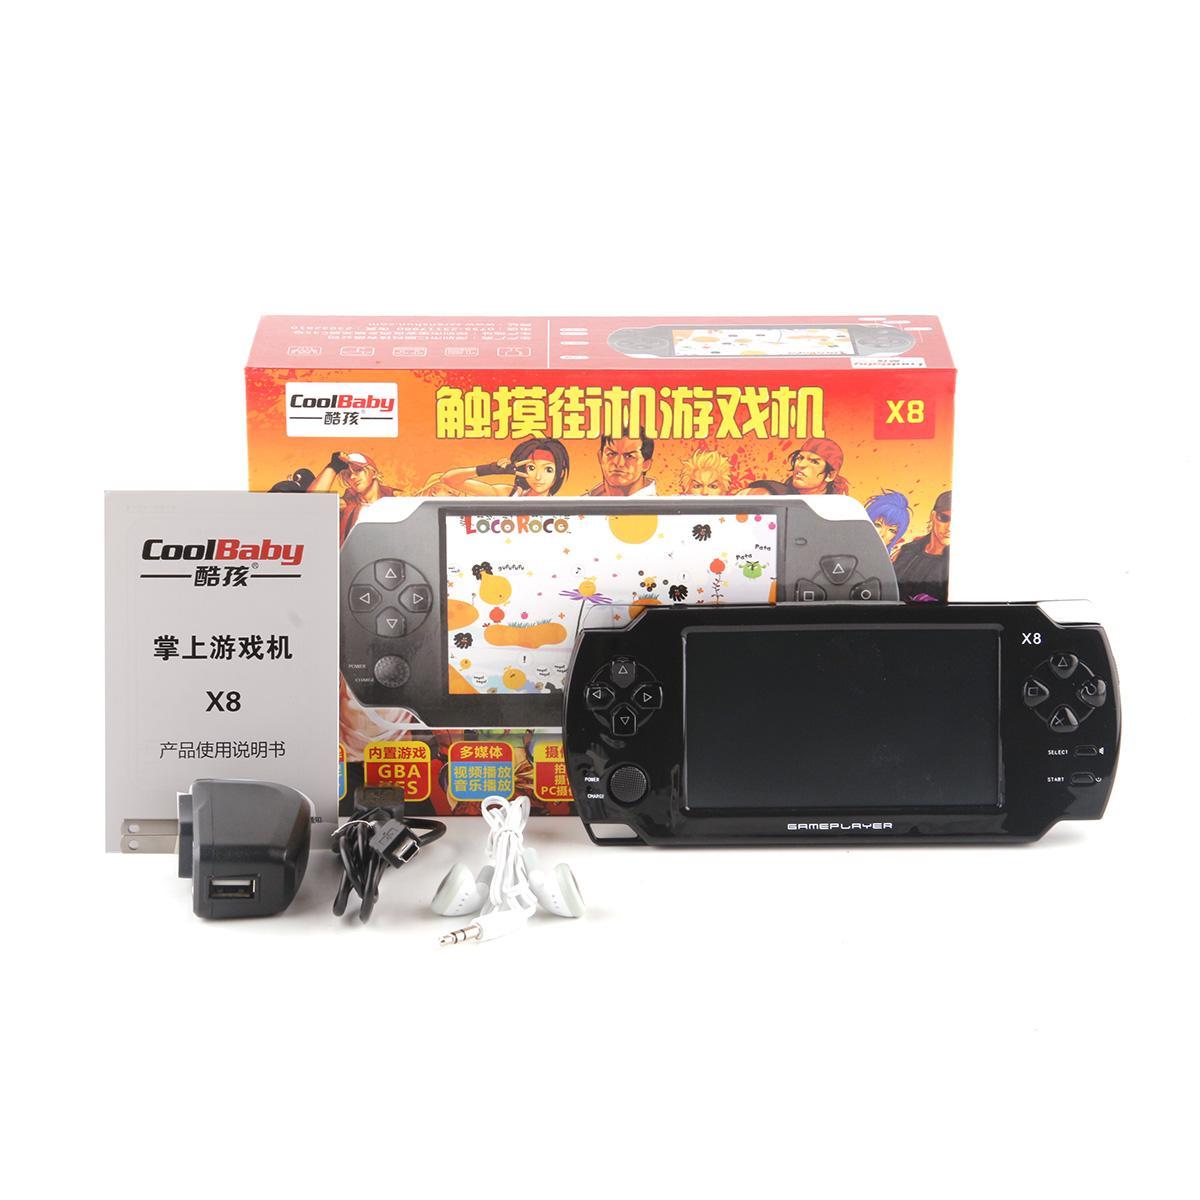 Touch Handheld Game Players 8 GB 4.3 pollici MP4 Player Video Game Console Giochi gratuiti Ebook Camera Console di gioco